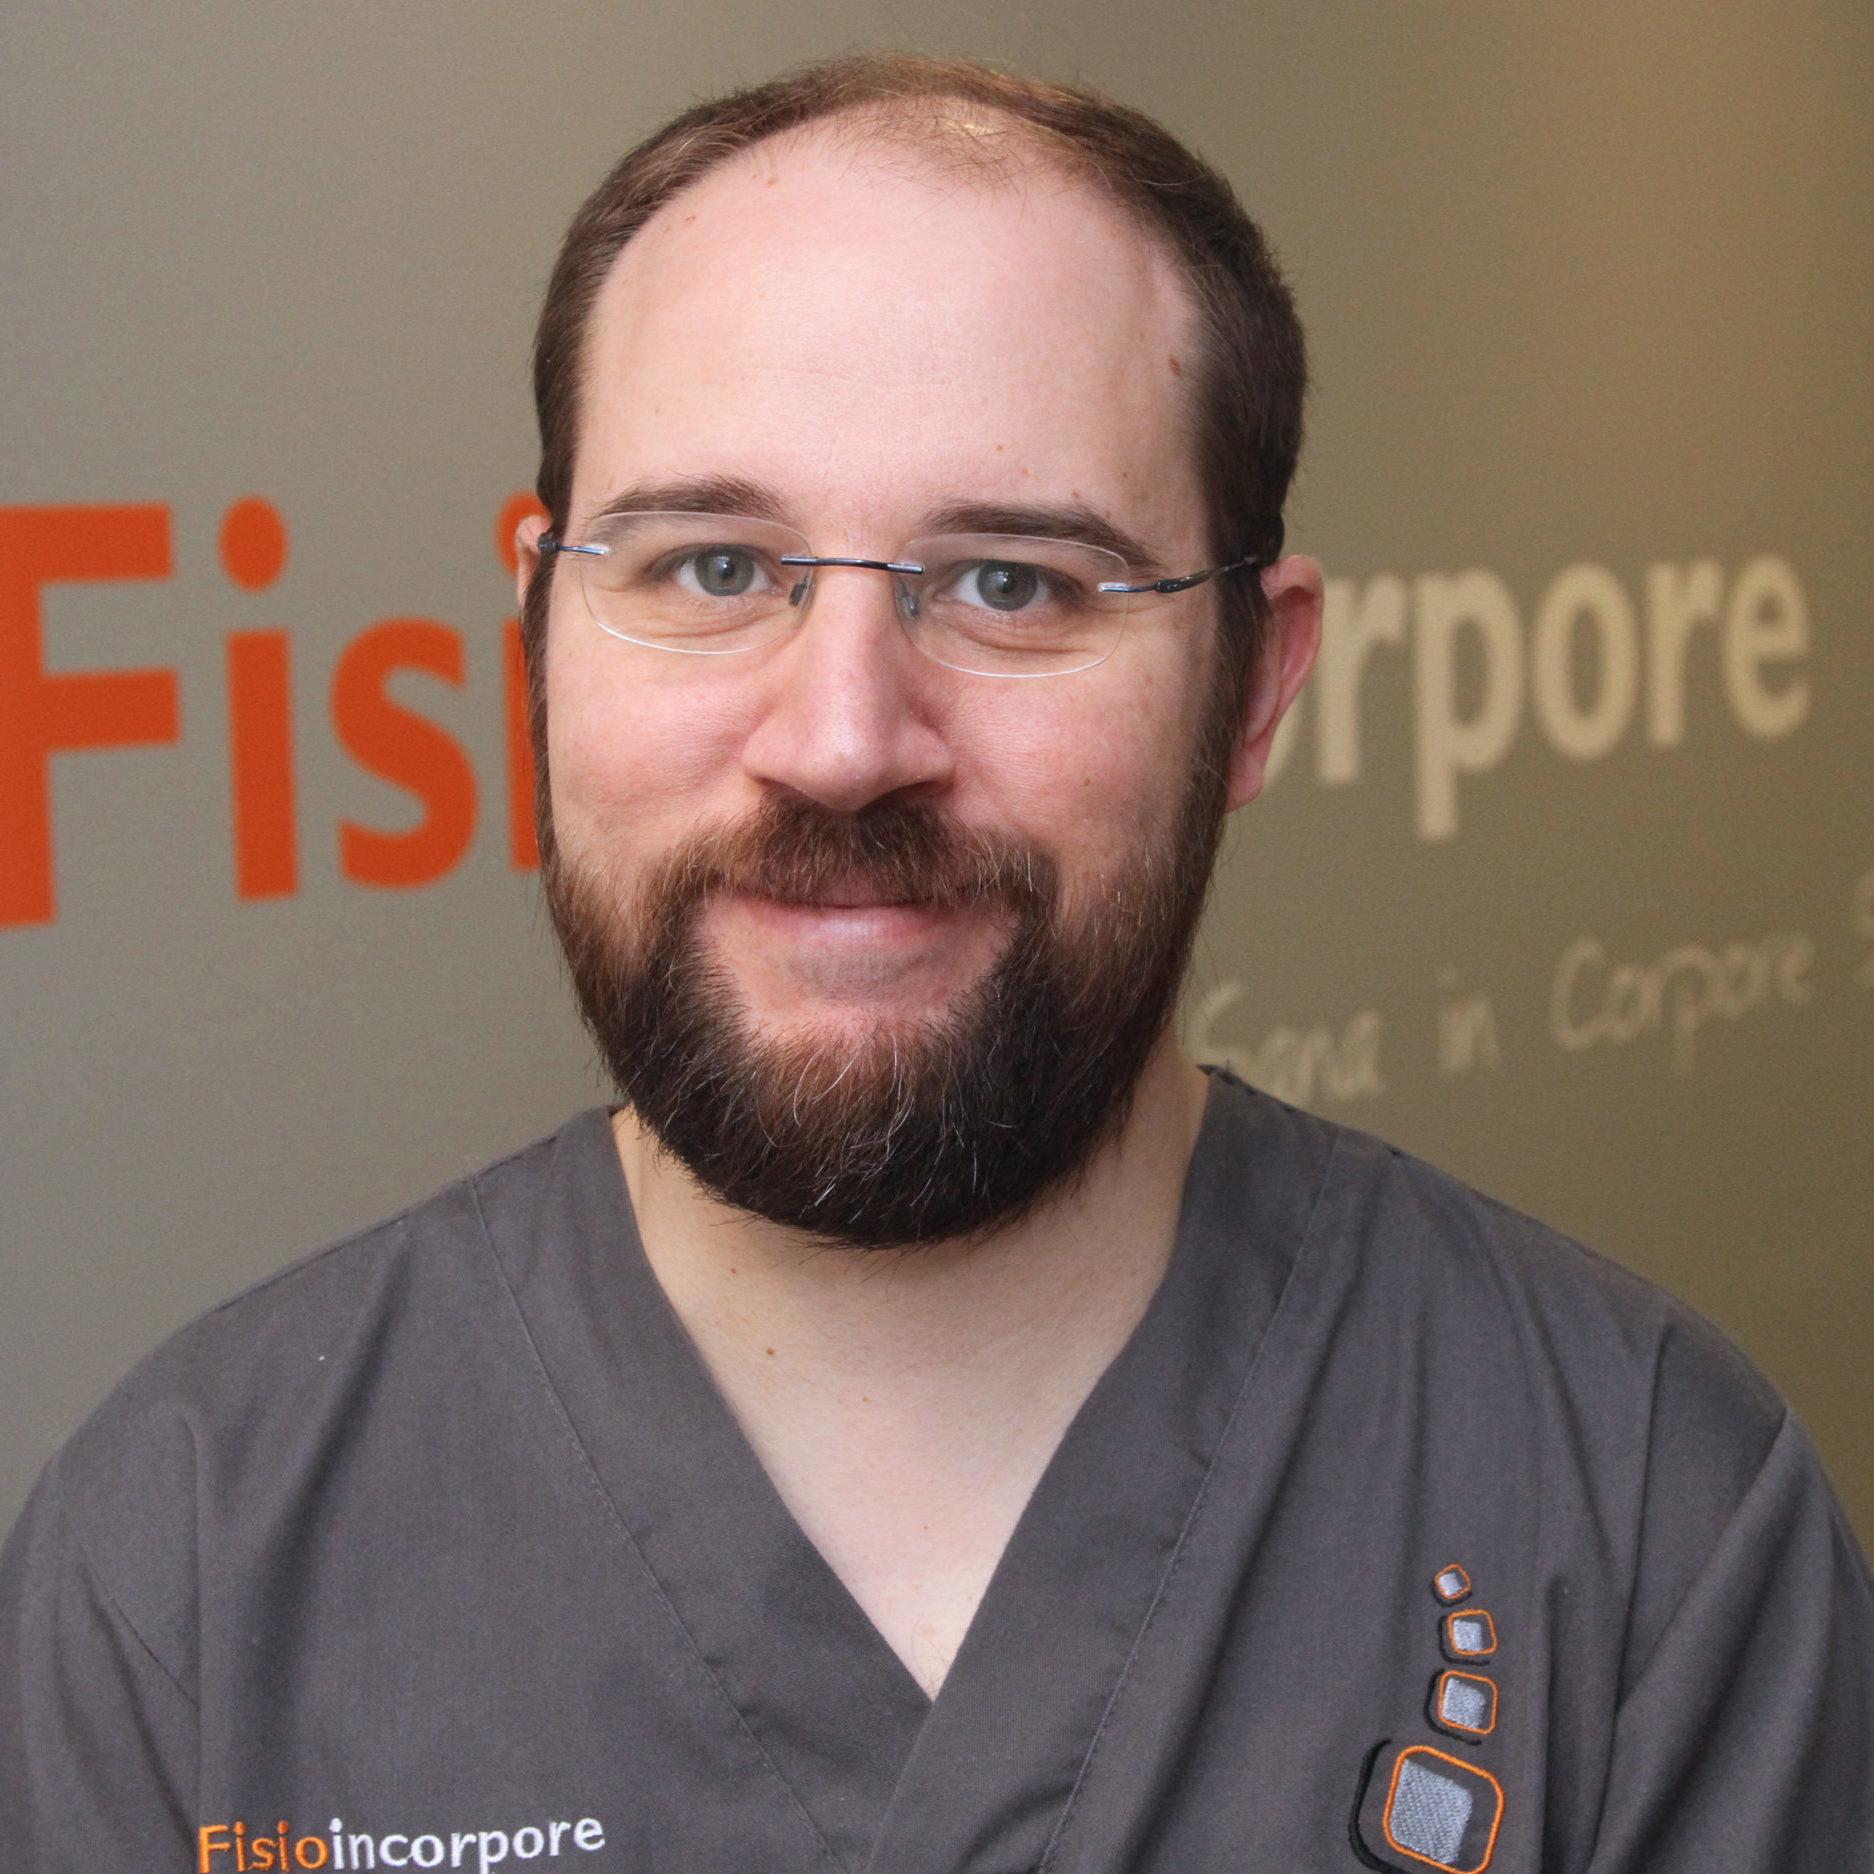 Ernesto Santos, podólogo en Fisioincorpore